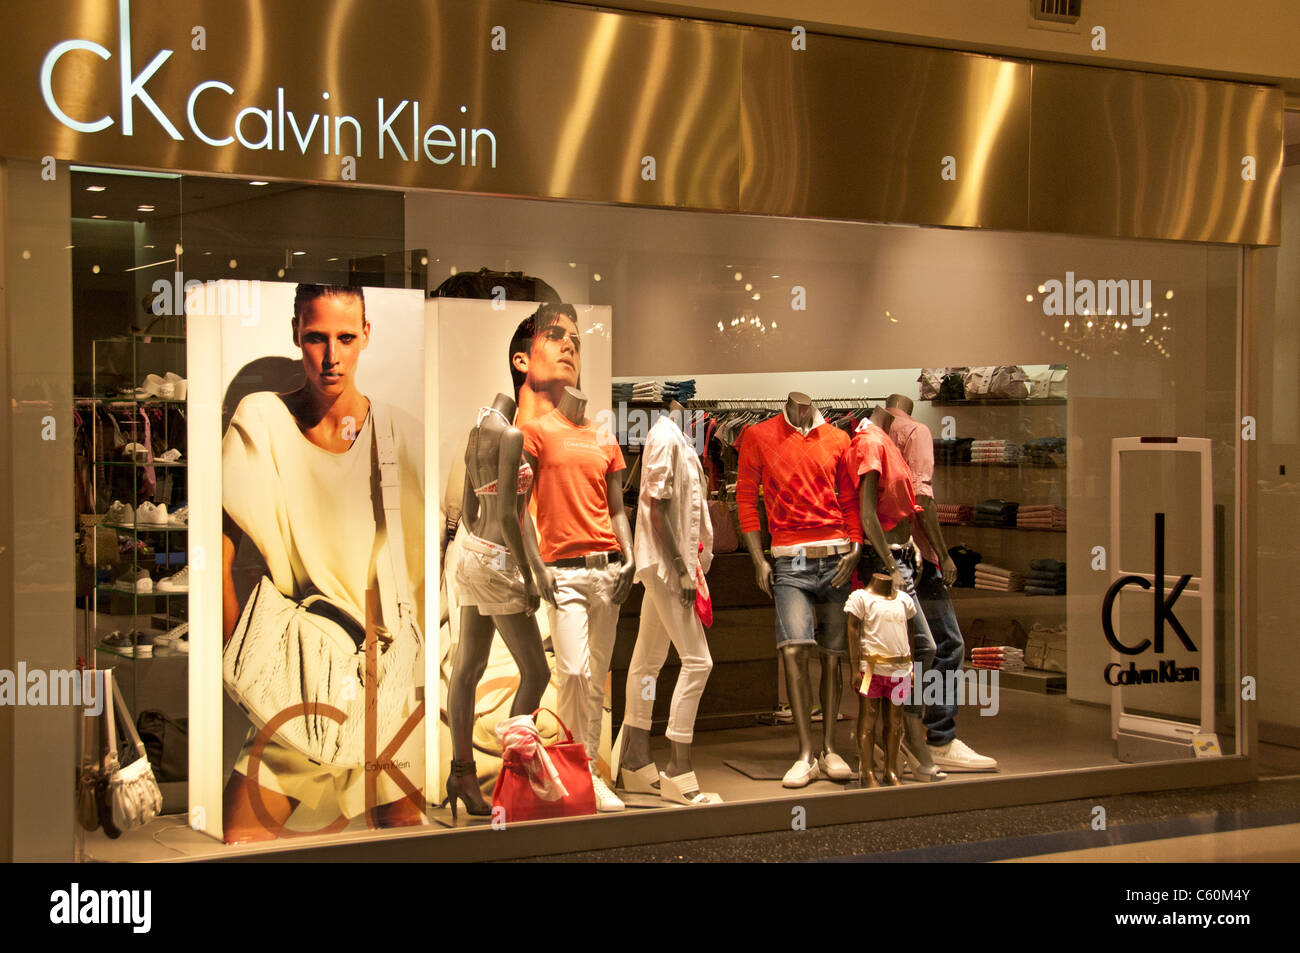 Calvin Klein Istanbul Istinye Park Einkaufszentrum ist eine einzigartige urbanen Lifestyle-Umgebung Stockbild